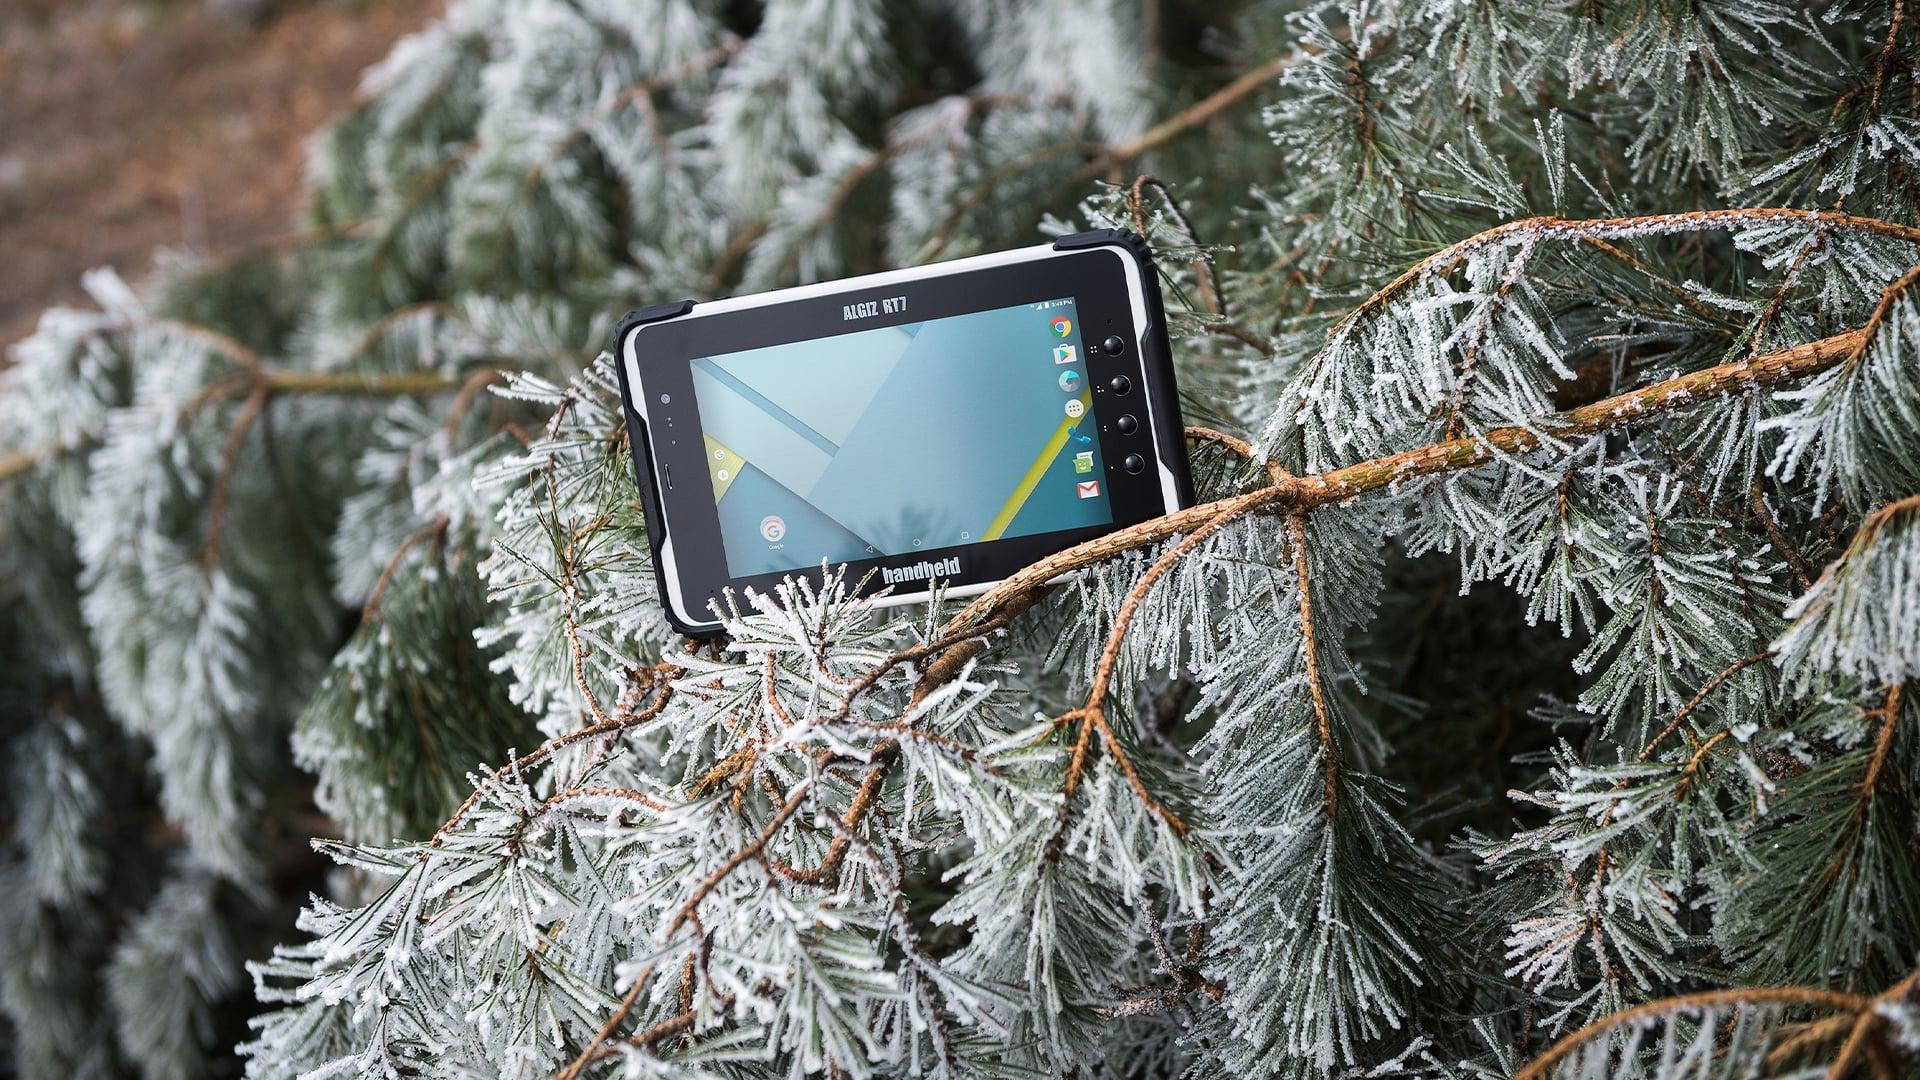 handheld algiz rt7 in winter tree